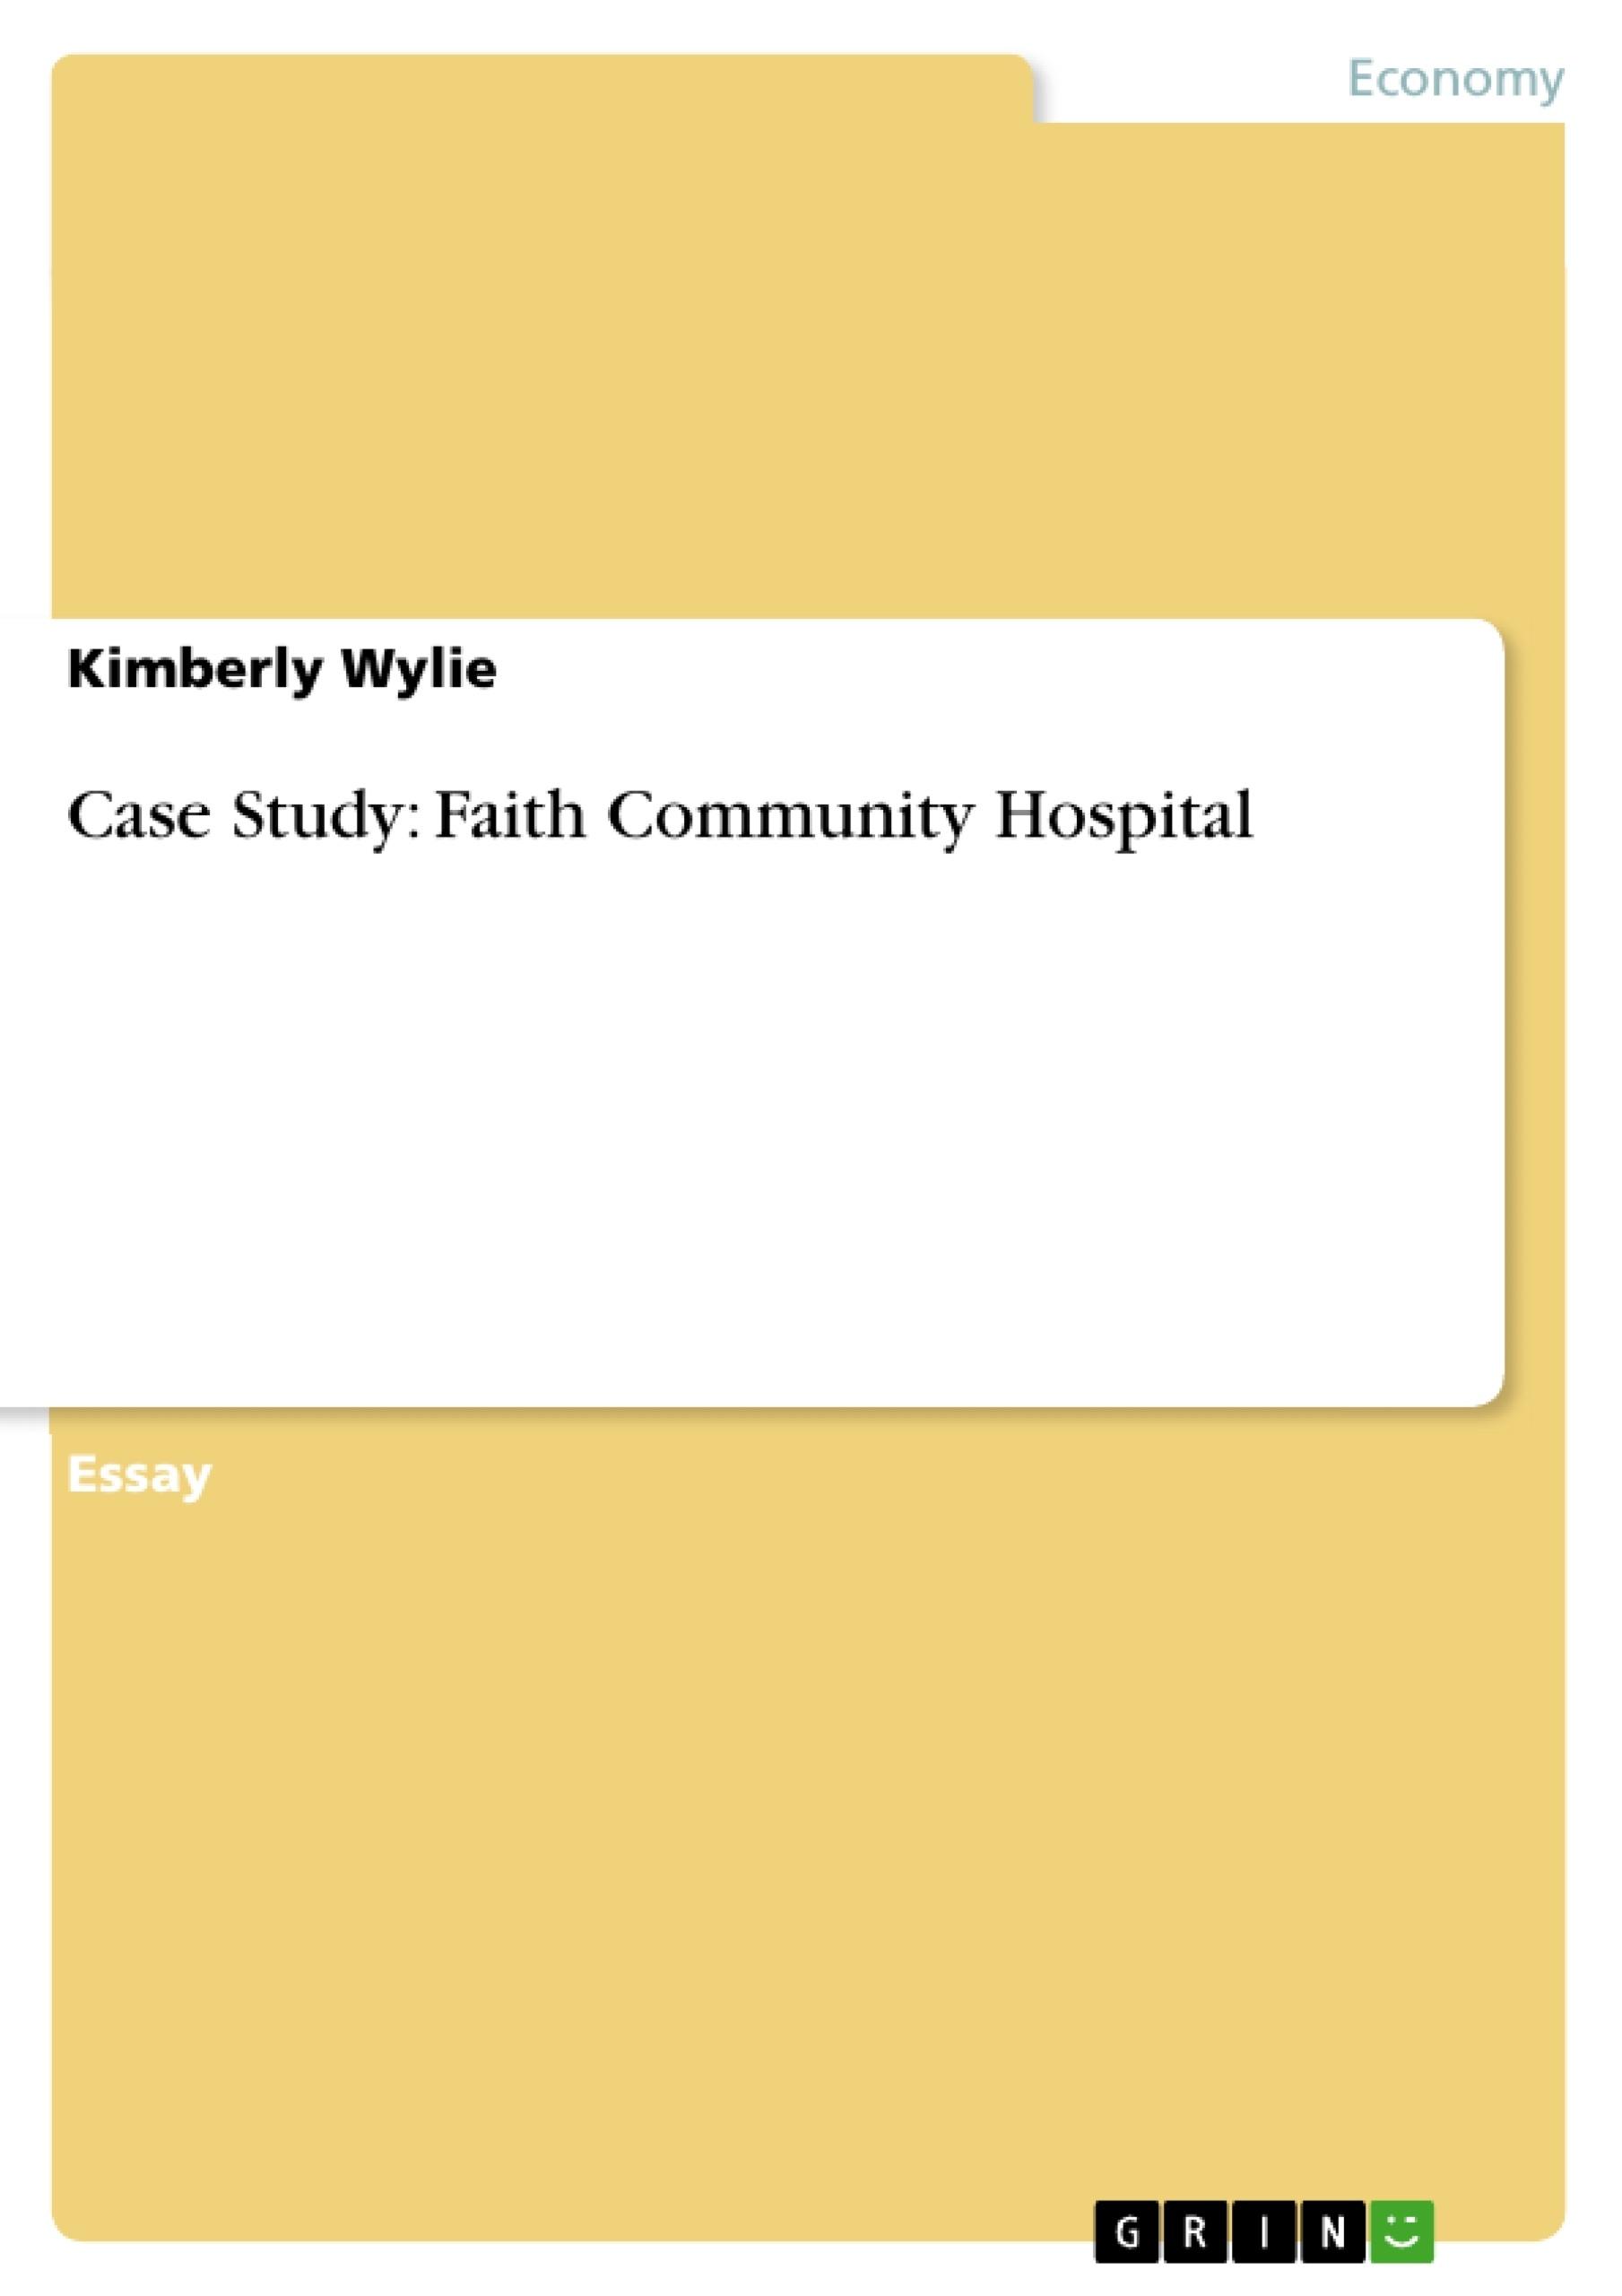 Title: Case Study: Faith Community Hospital